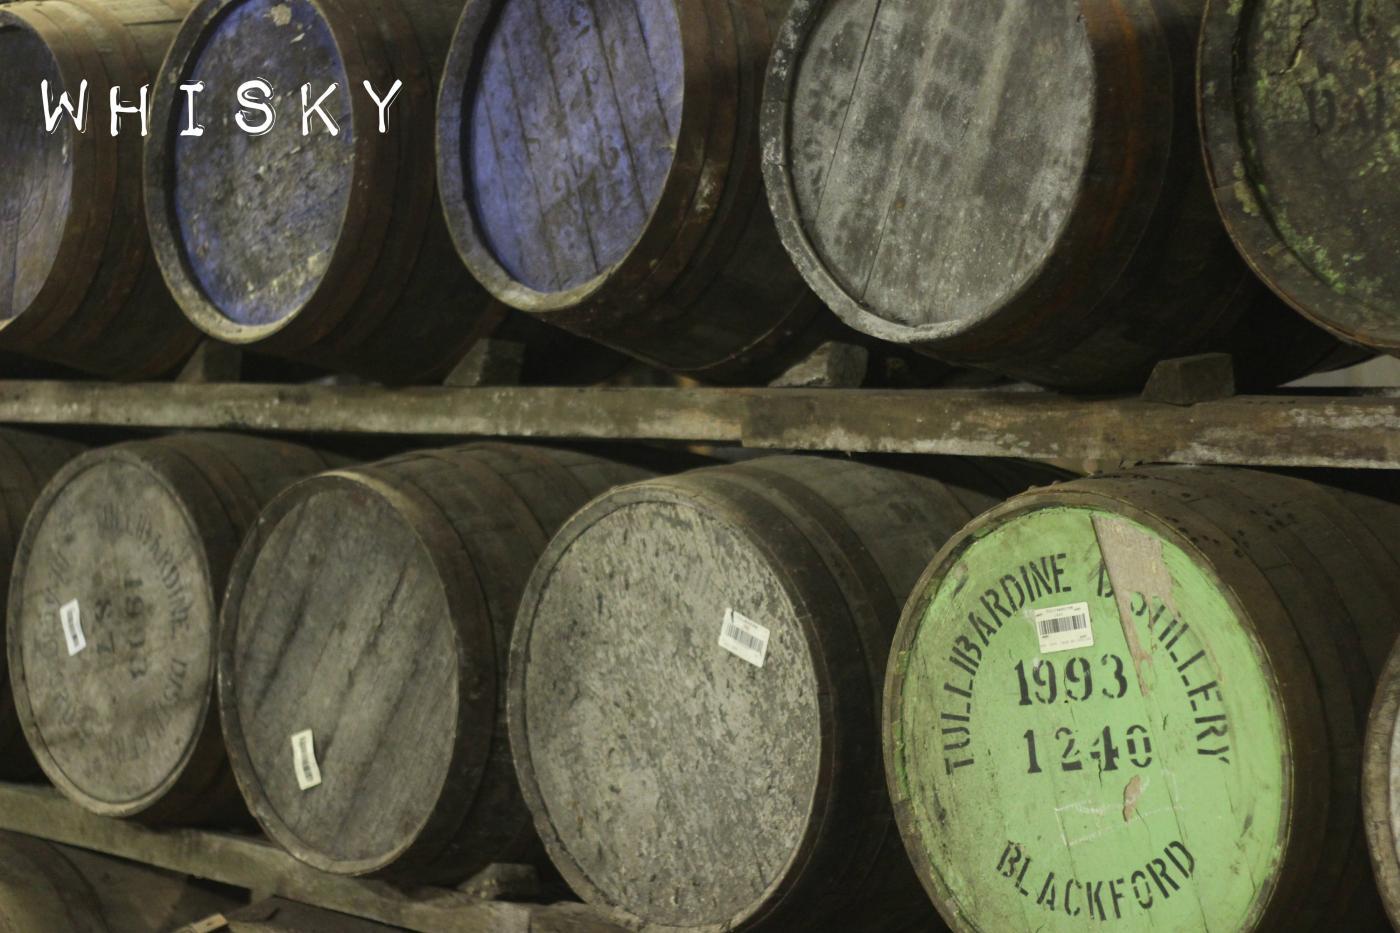 viski.jpg